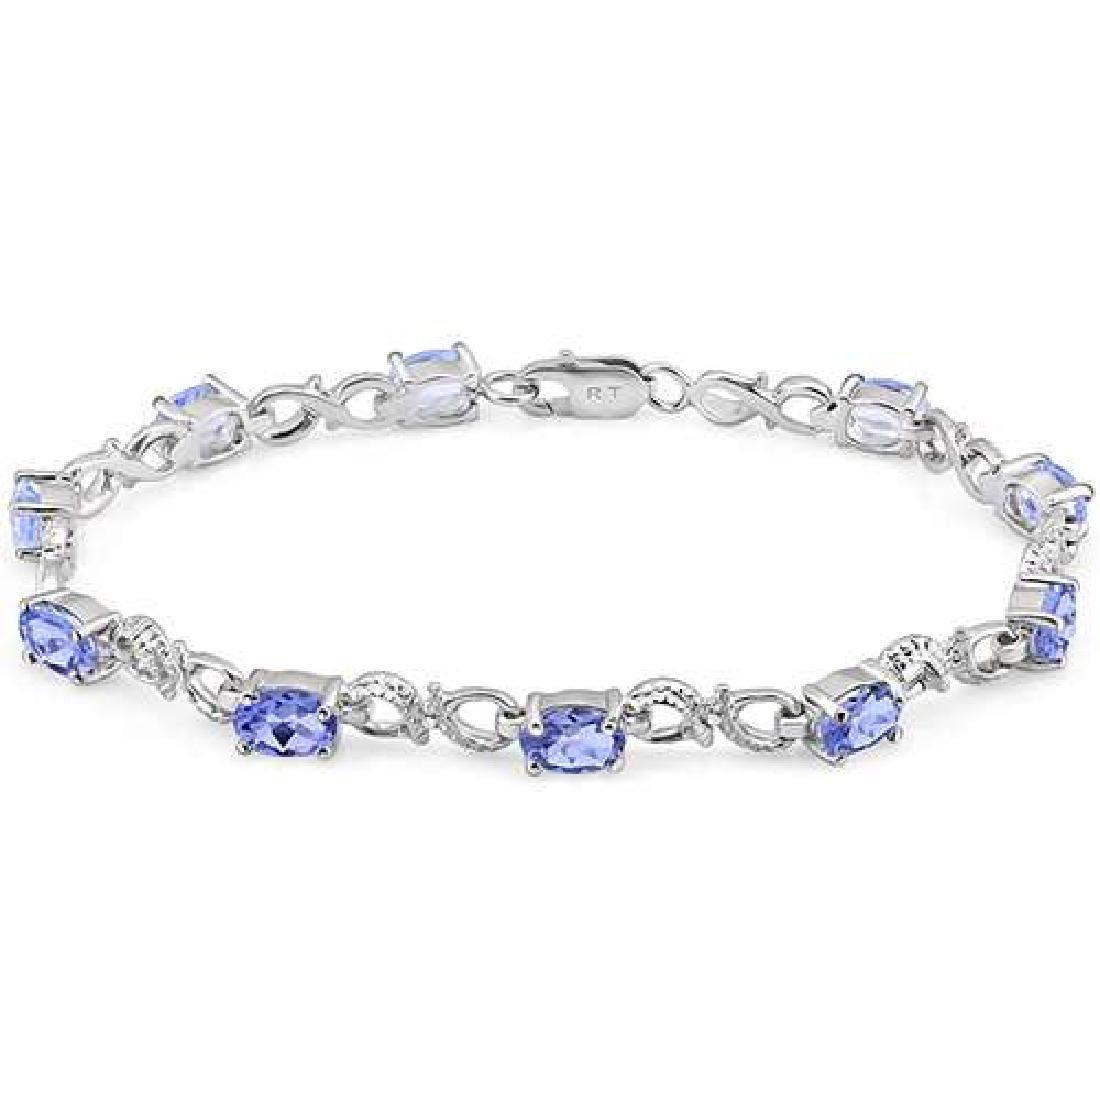 4 1/5 CTW TANZANITE & DIAMOND 925 STERLING SILVER TENNI